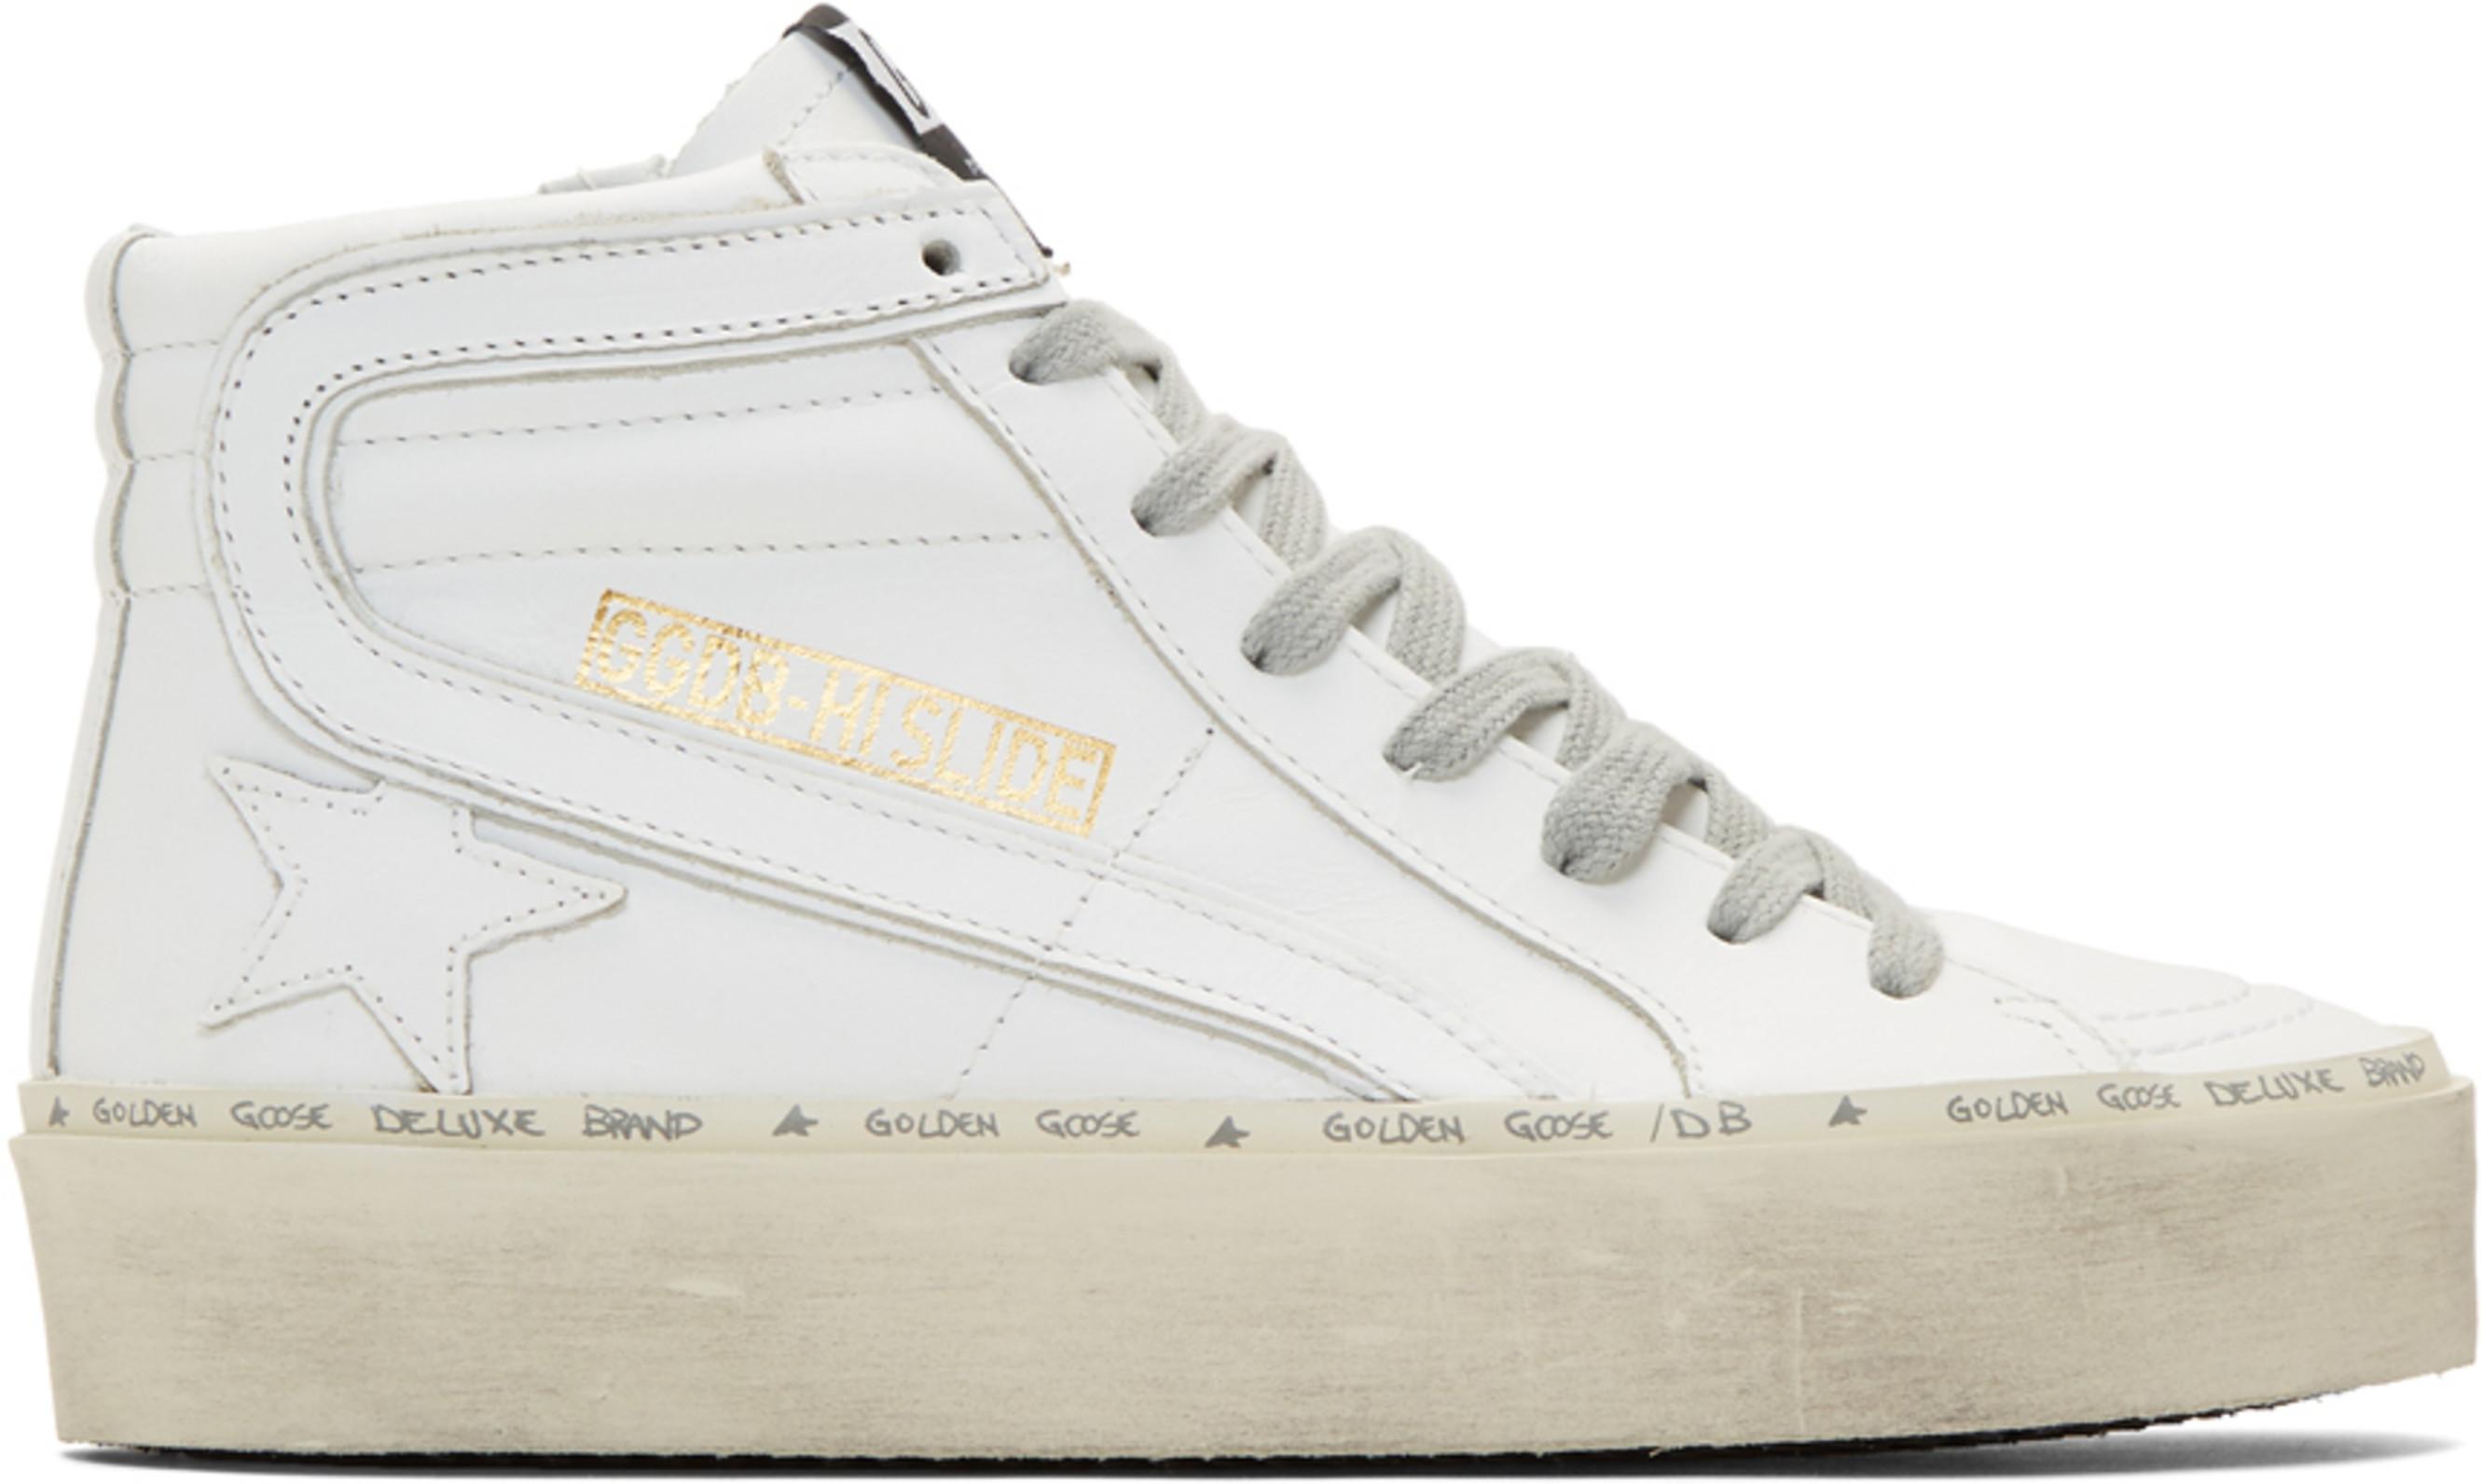 f990e7725b72 Golden Goose sneakers for Women